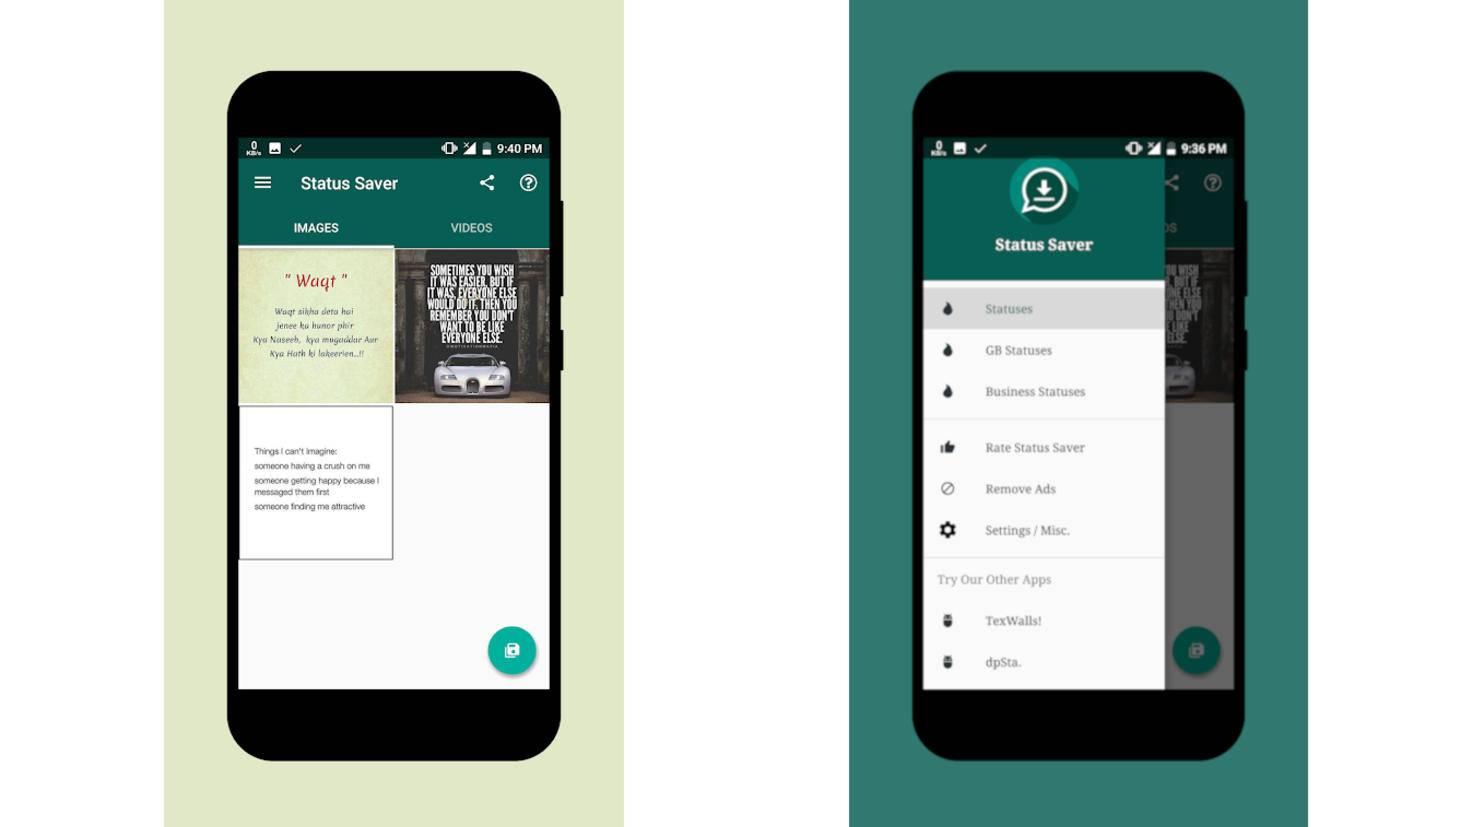 Whatsapp Status Video Speichern So Legen Sie Ein Langes